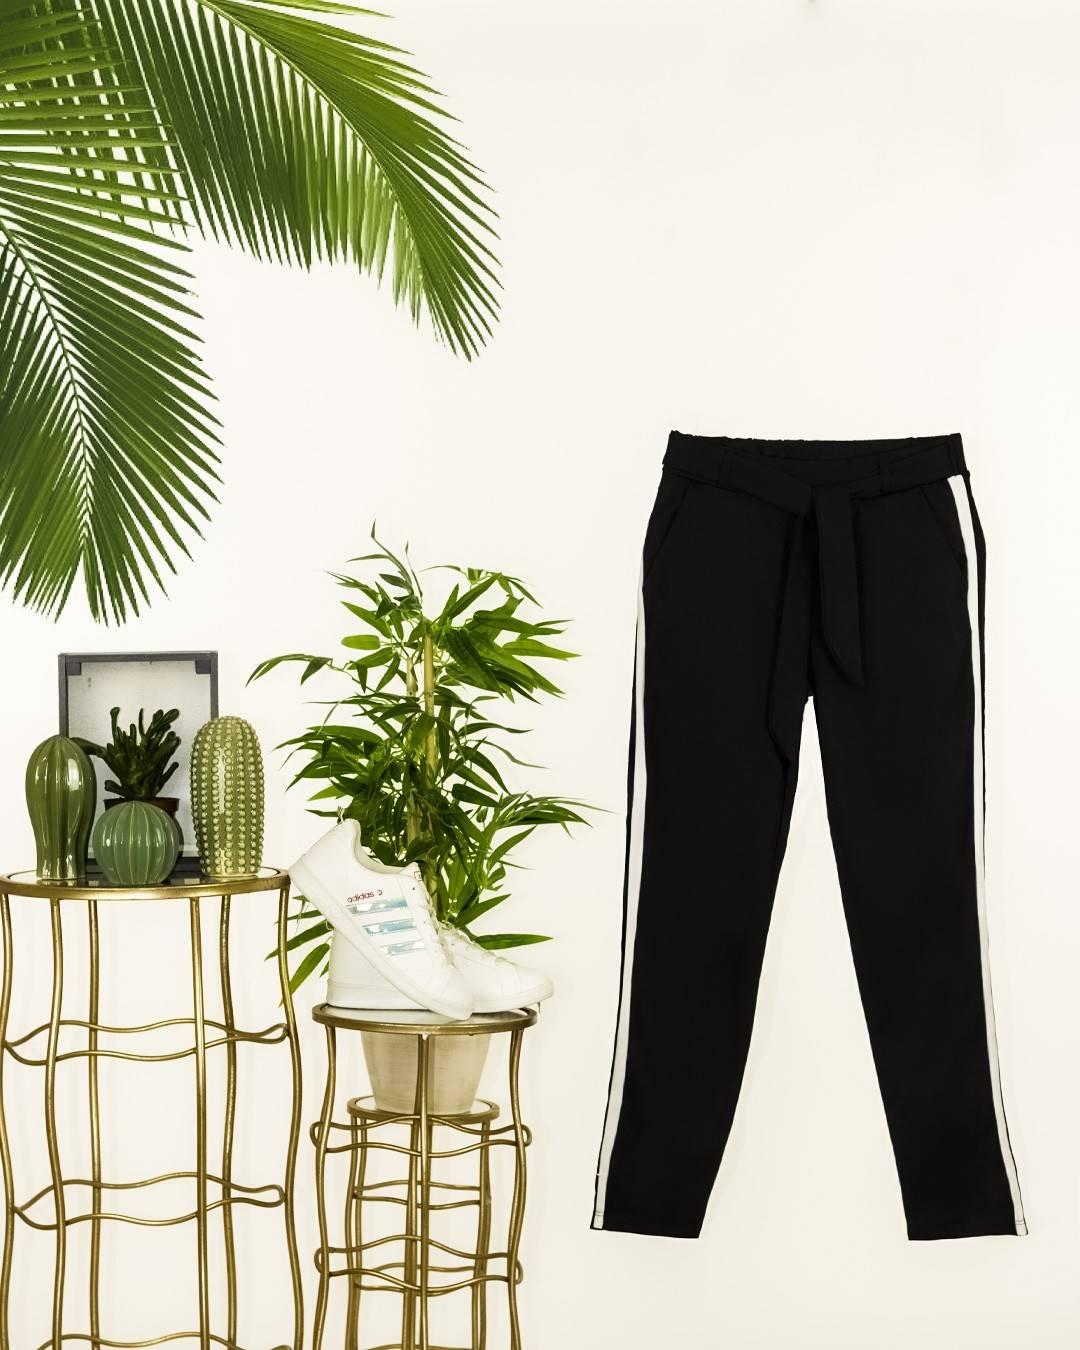 Şeritli cepli yeni sezon pantalon(siyah) - 3